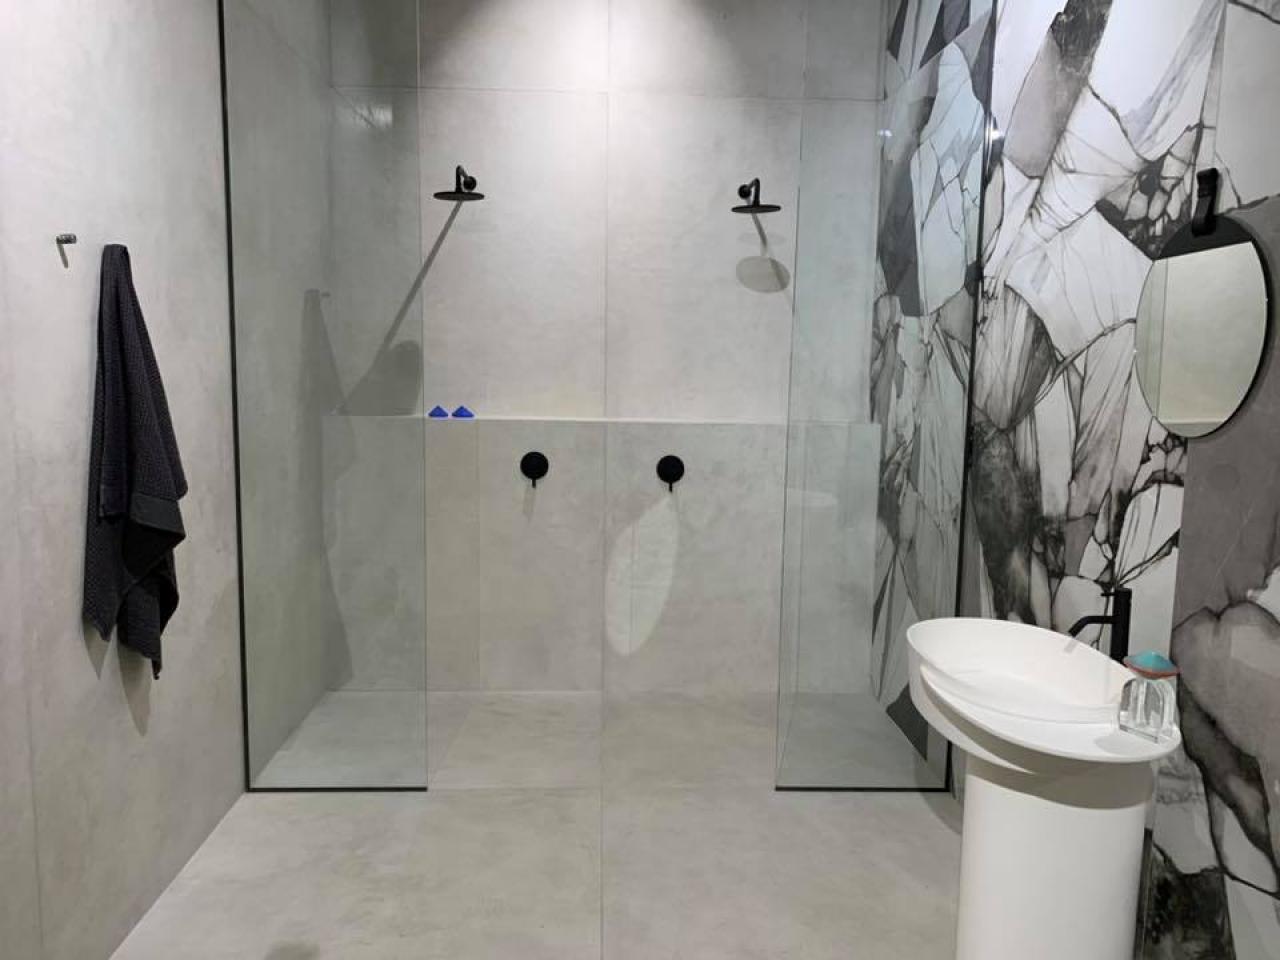 Muretto Per Sanitari Sospesi muretti nel bagno: come realizzarli e rivestirli   fratelli